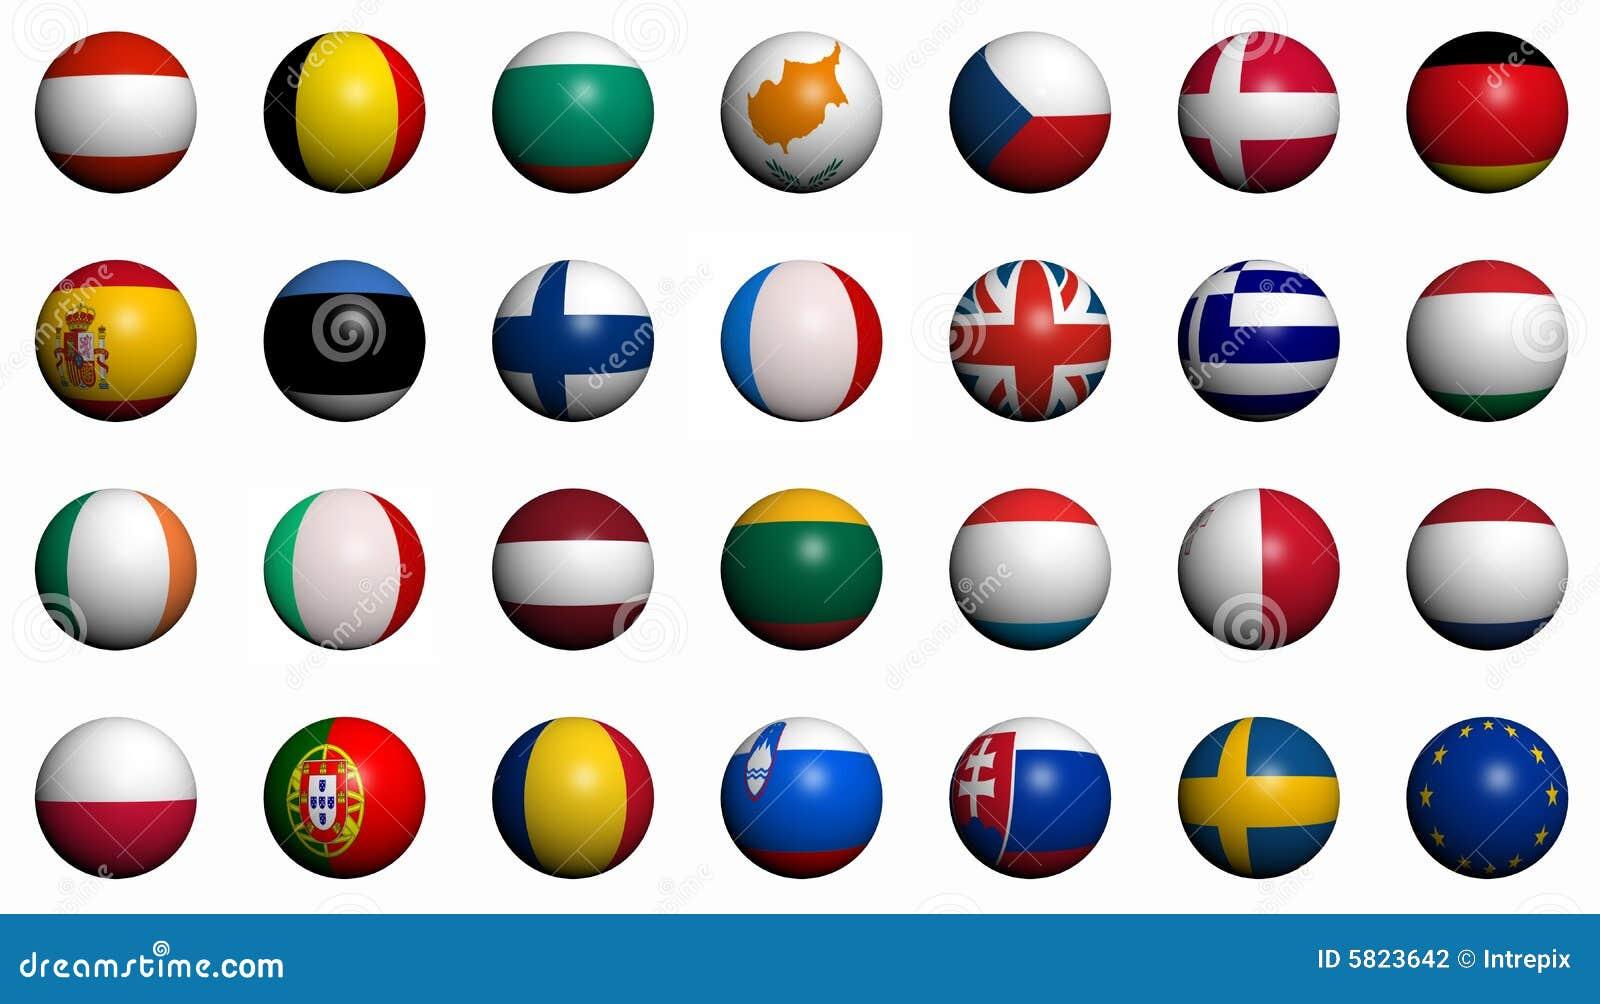 hoeveel landen in europa